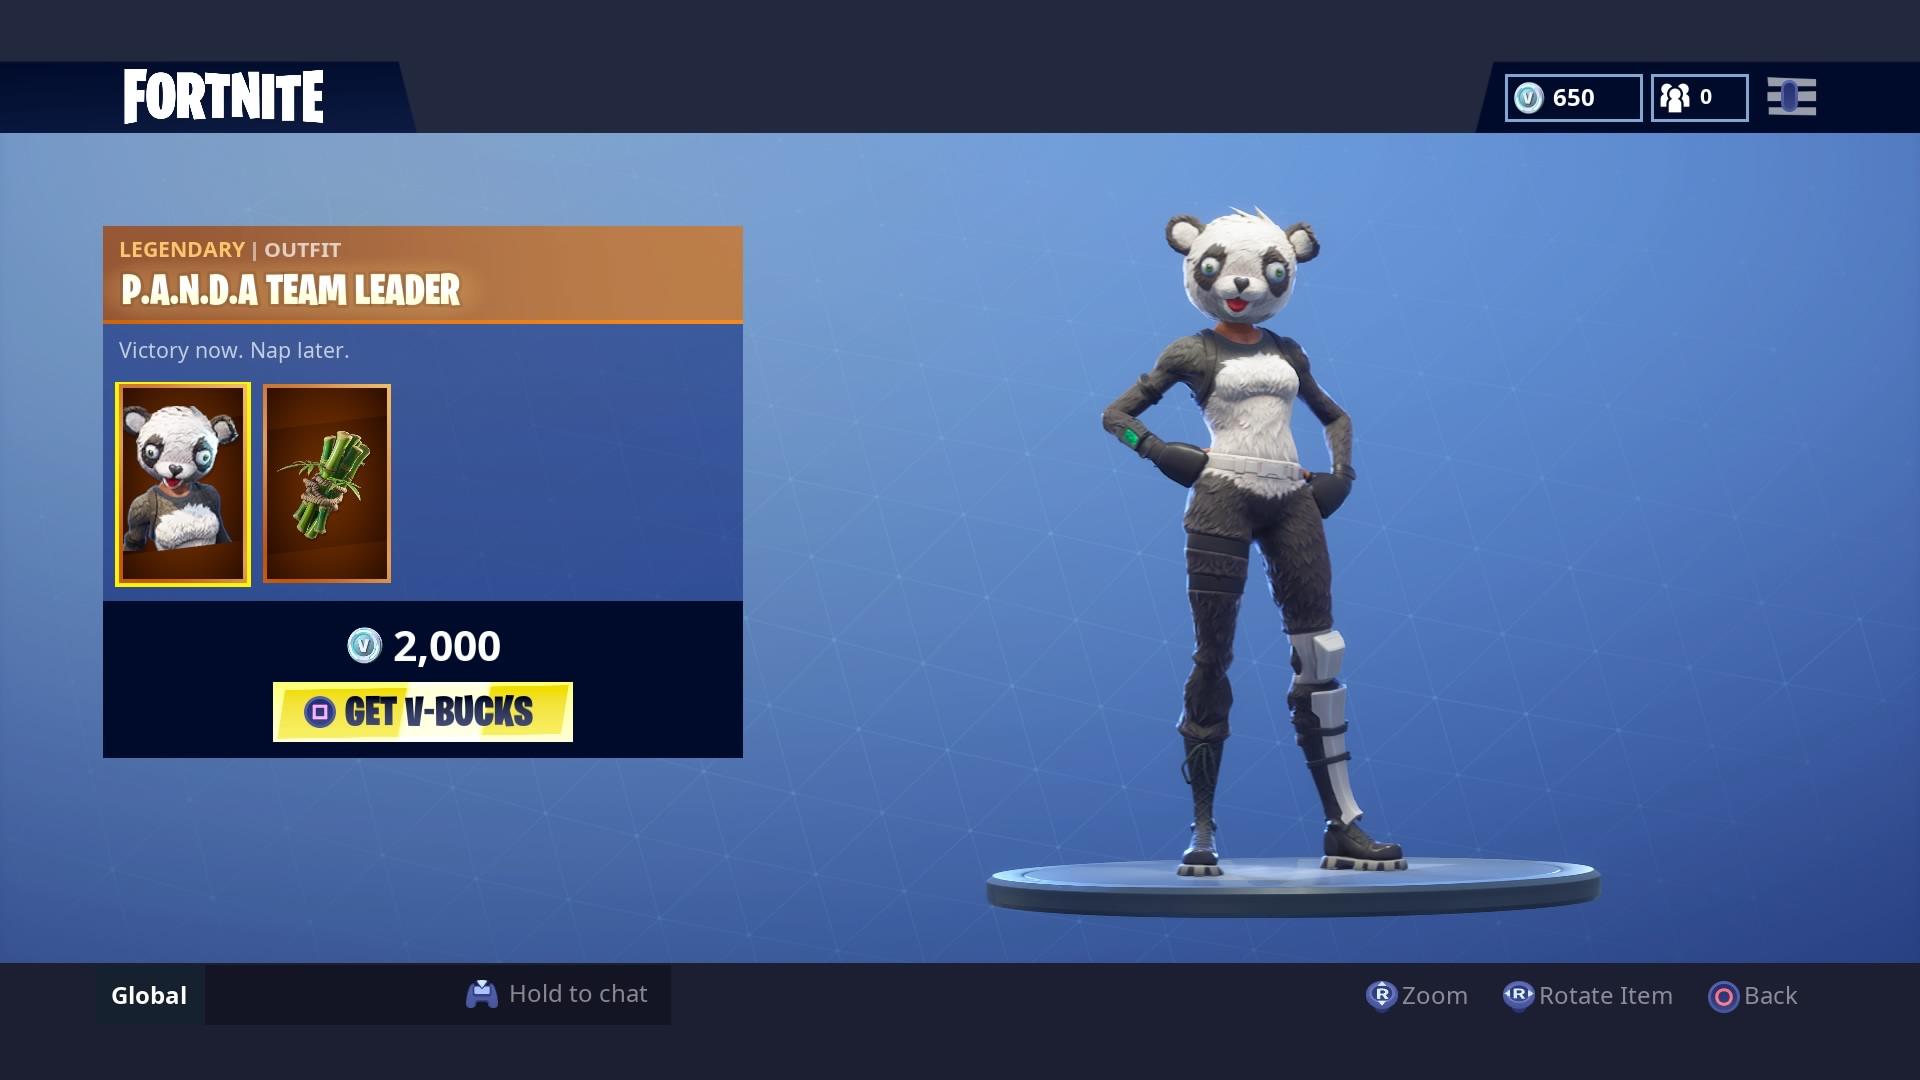 fortnite panda team leader wallpaper 65190